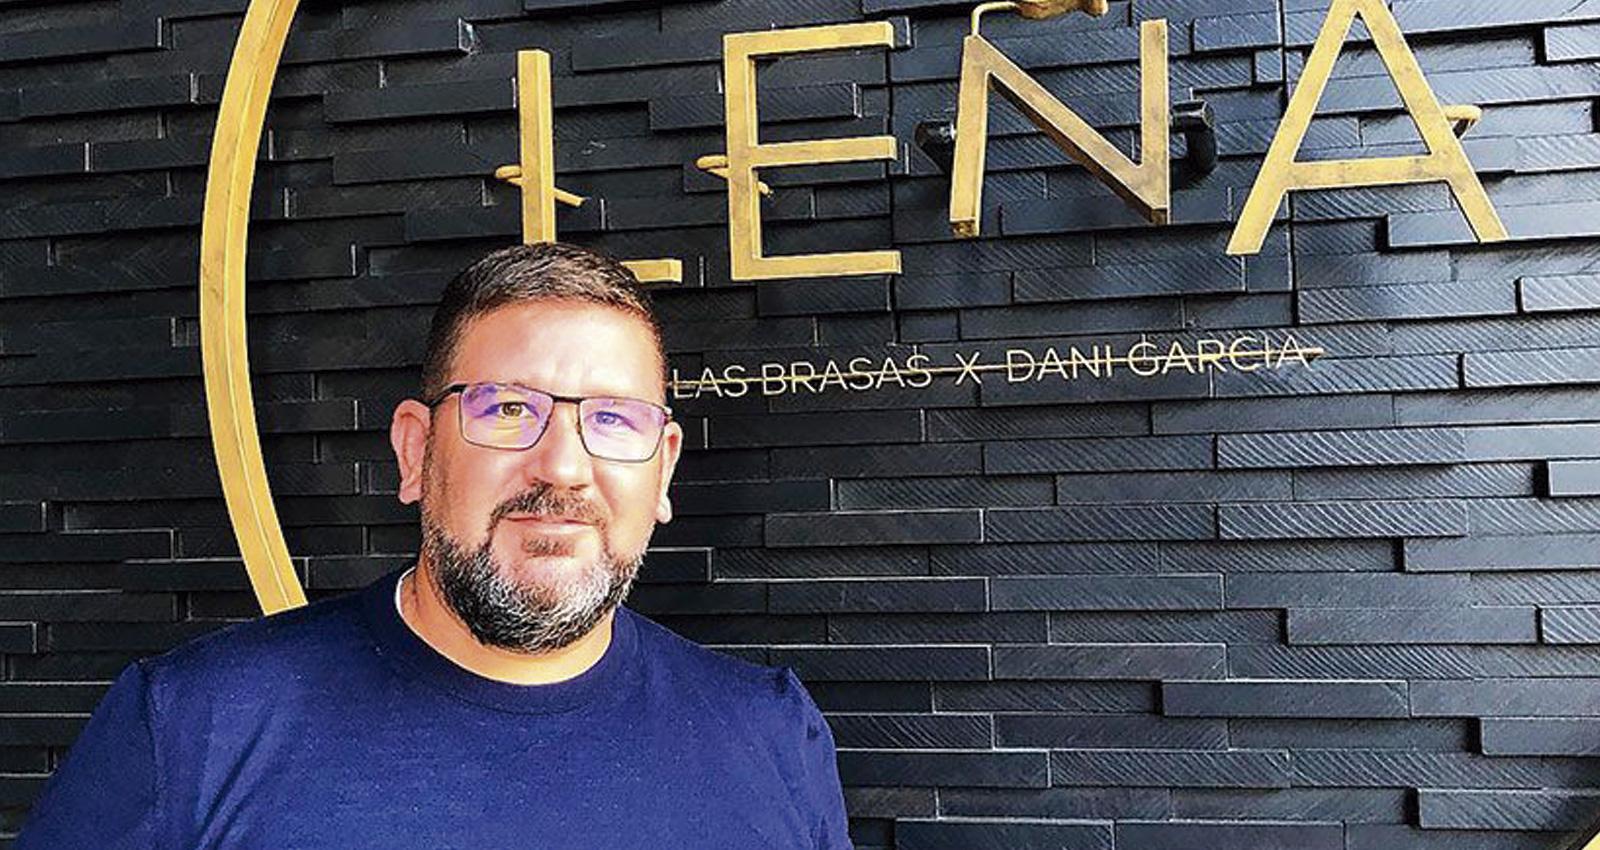 Leña Madrid Dani García